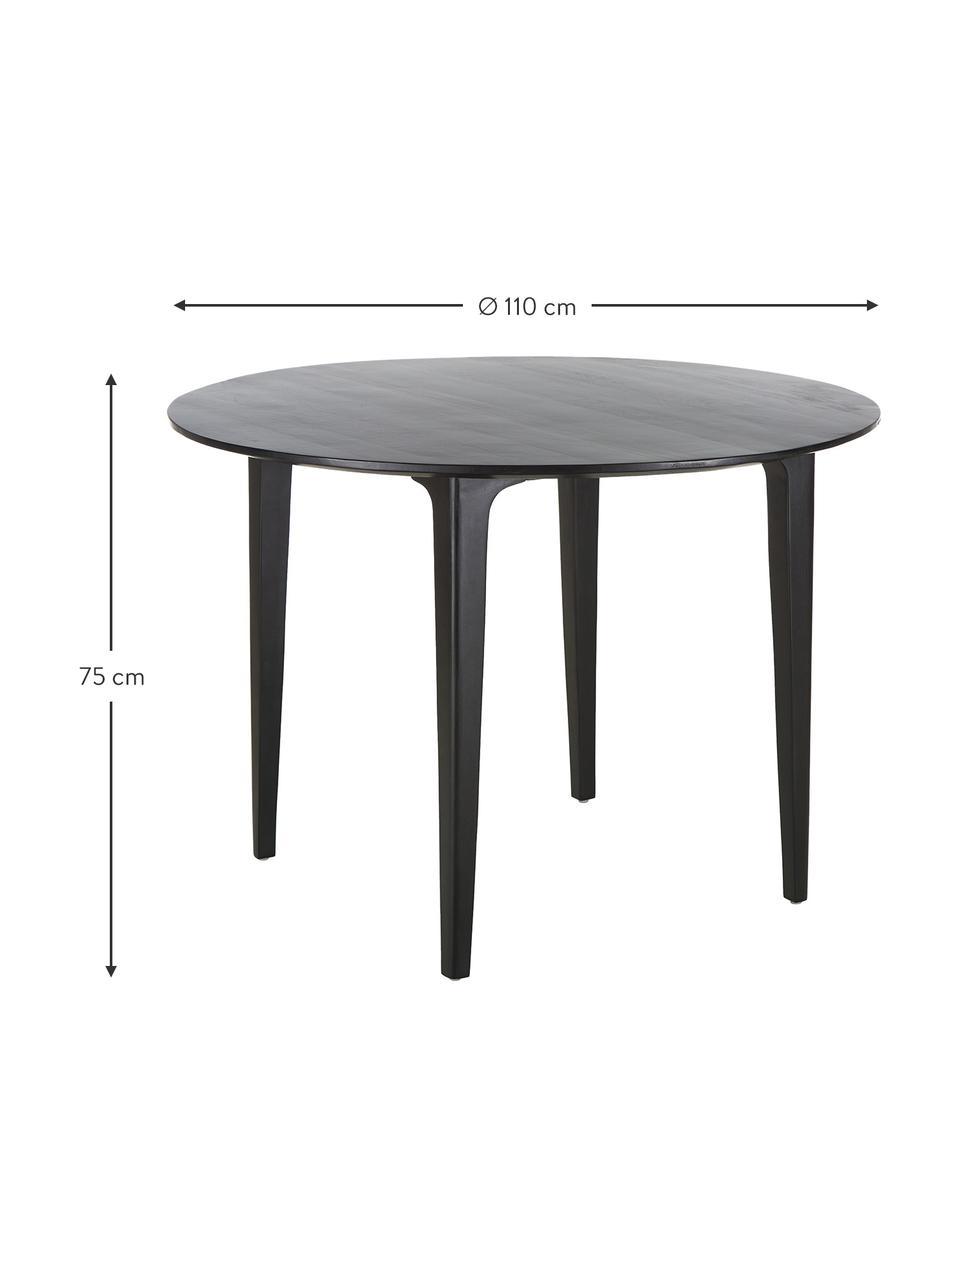 Okrągły stół do jadalni z litego drewna Archie, Lite drewno mangowe, lakierowane, Drewno mangowe, czarny lakierowany, Ø 110 x W 75 cm